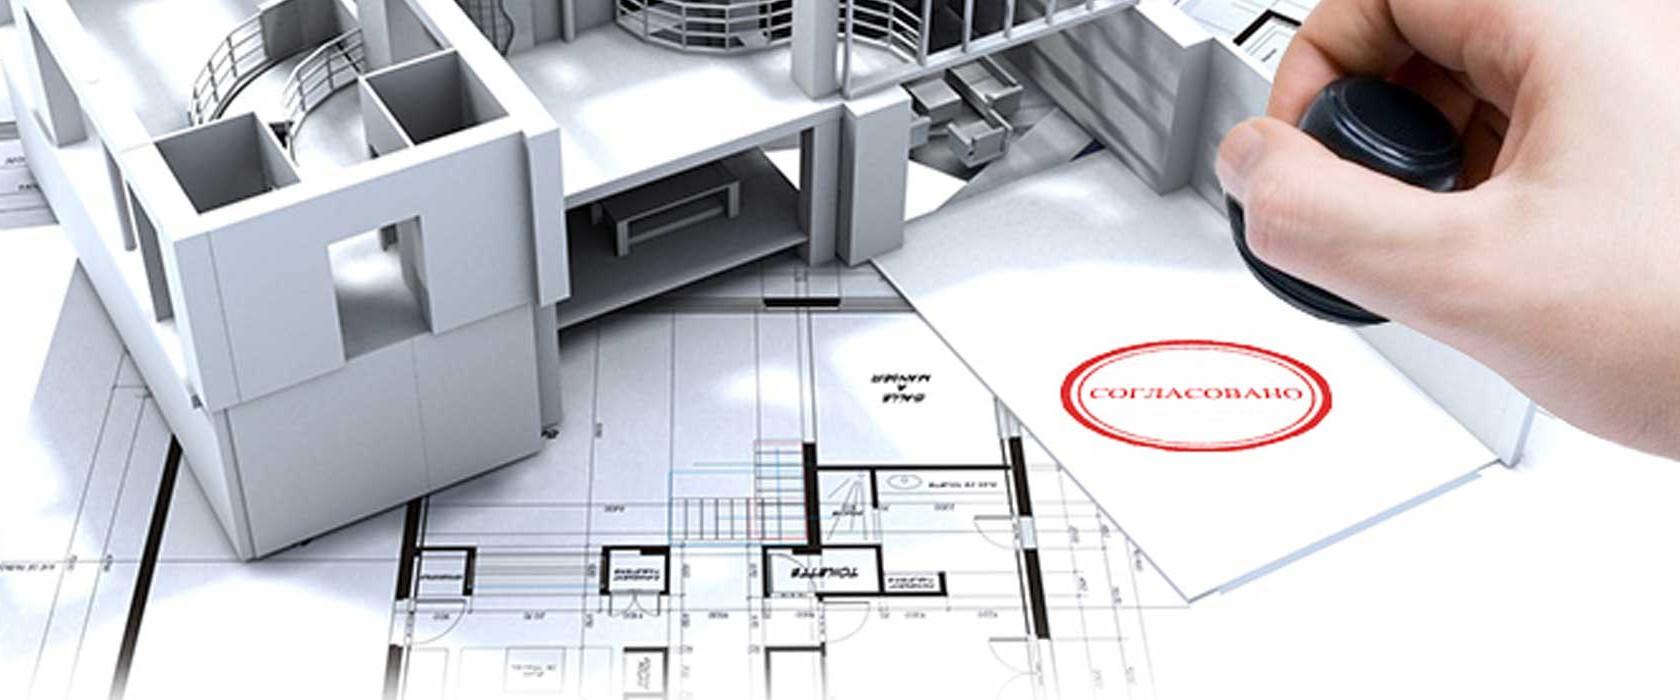 Оформление перепланировки квартиры, дома и нежилых помещений